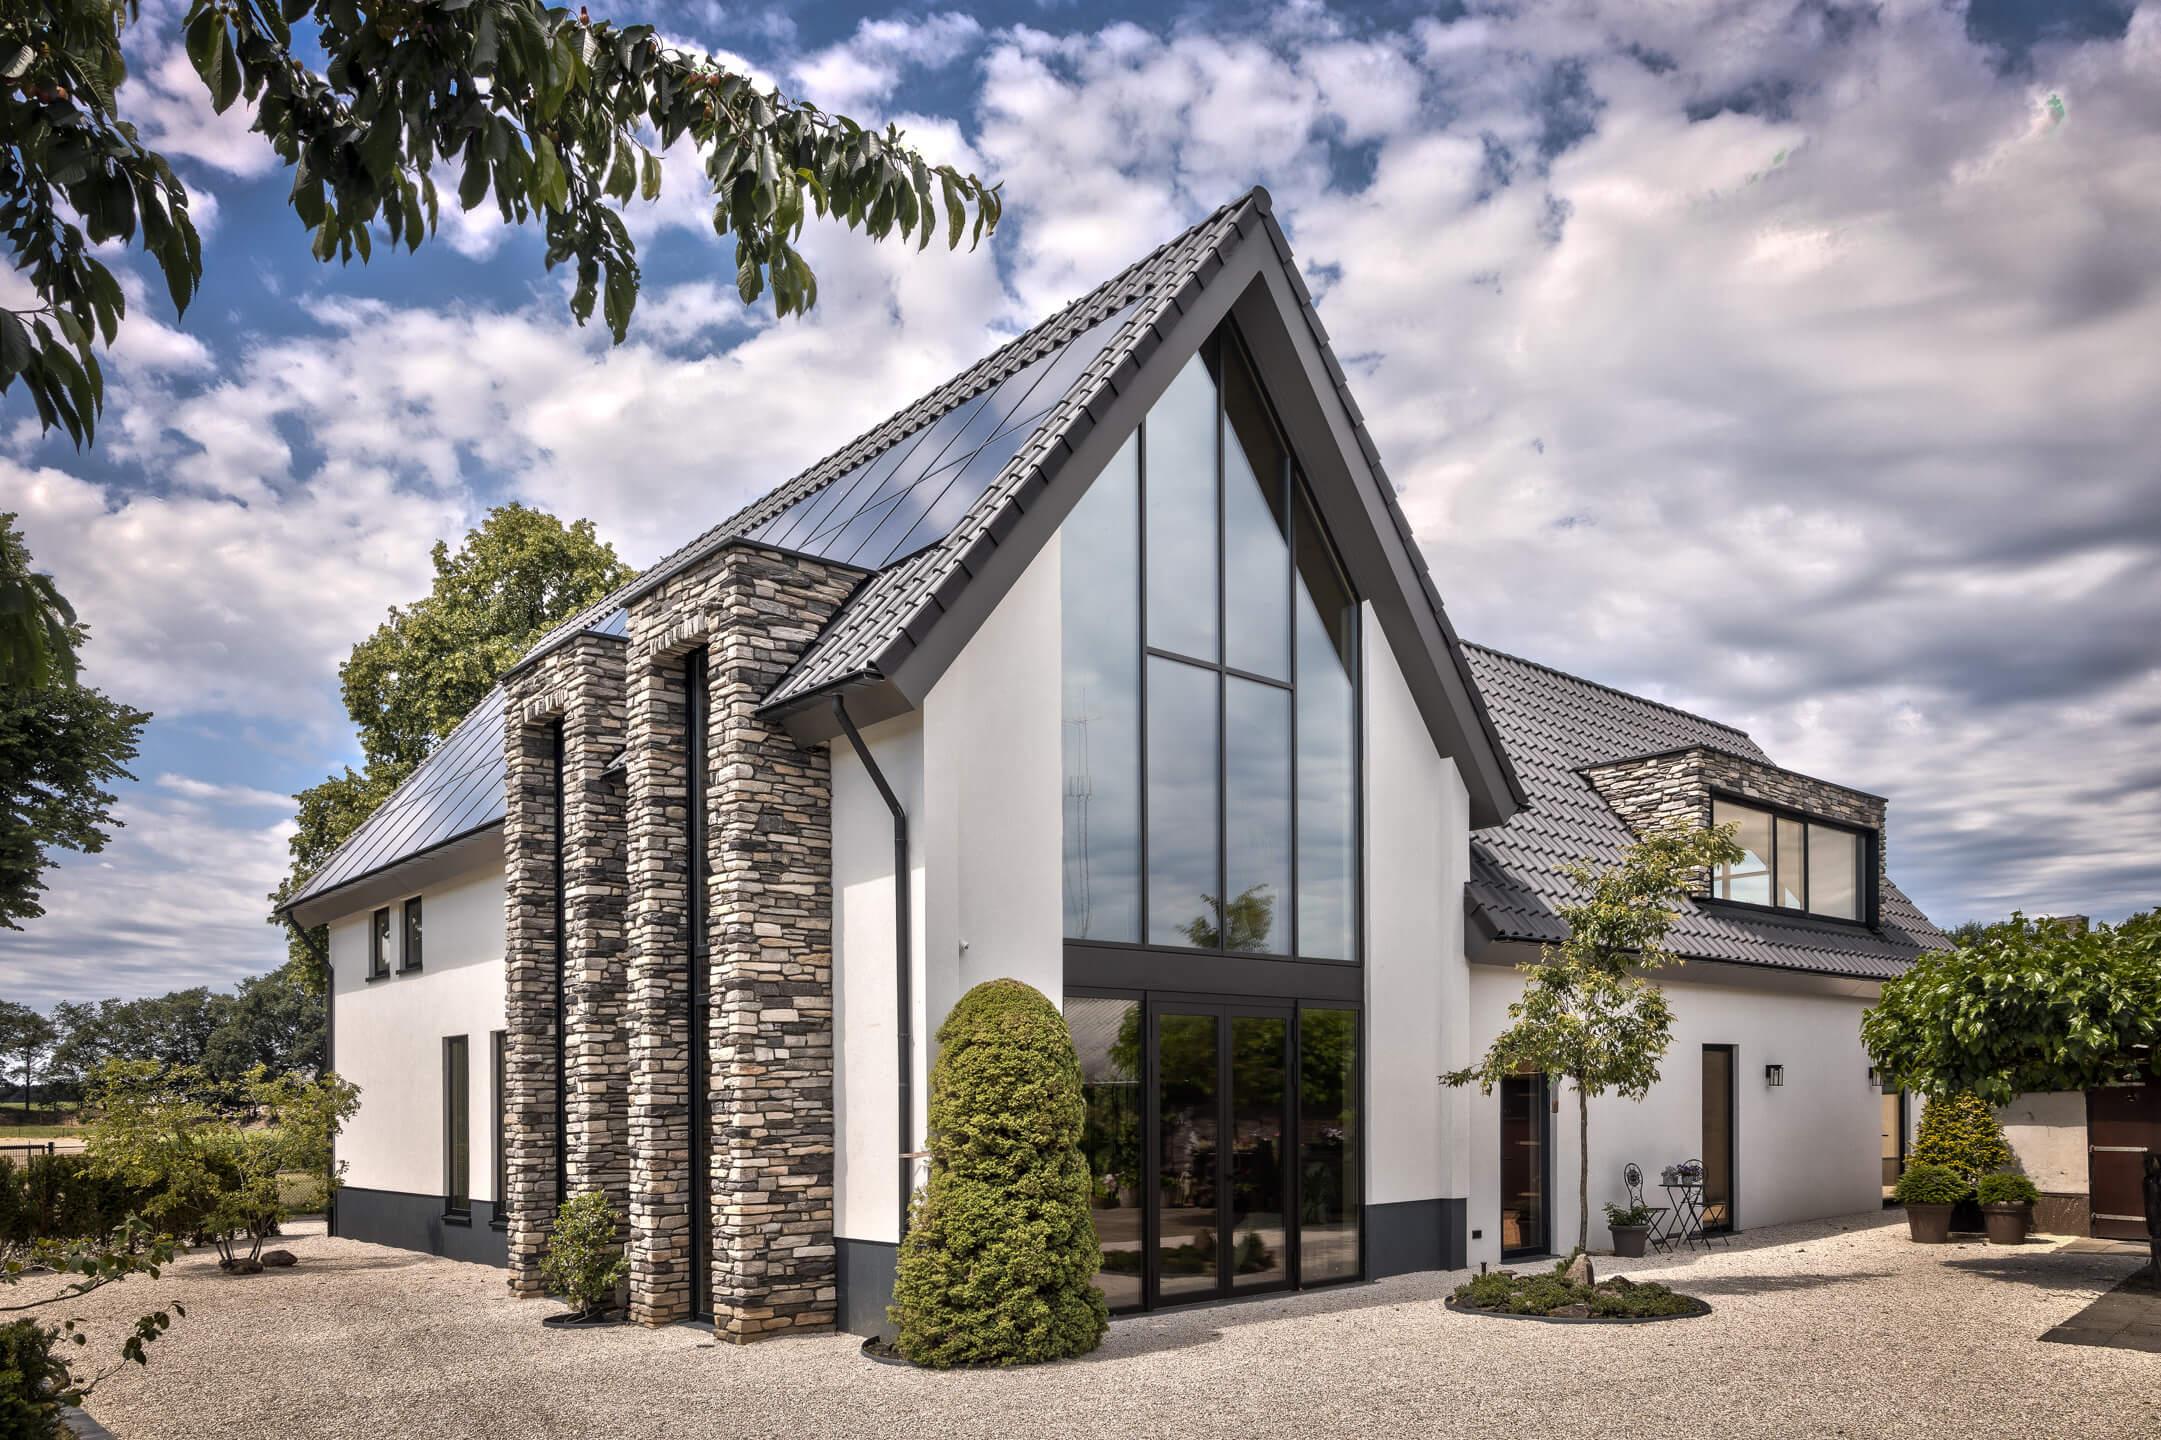 Villa Gelderland